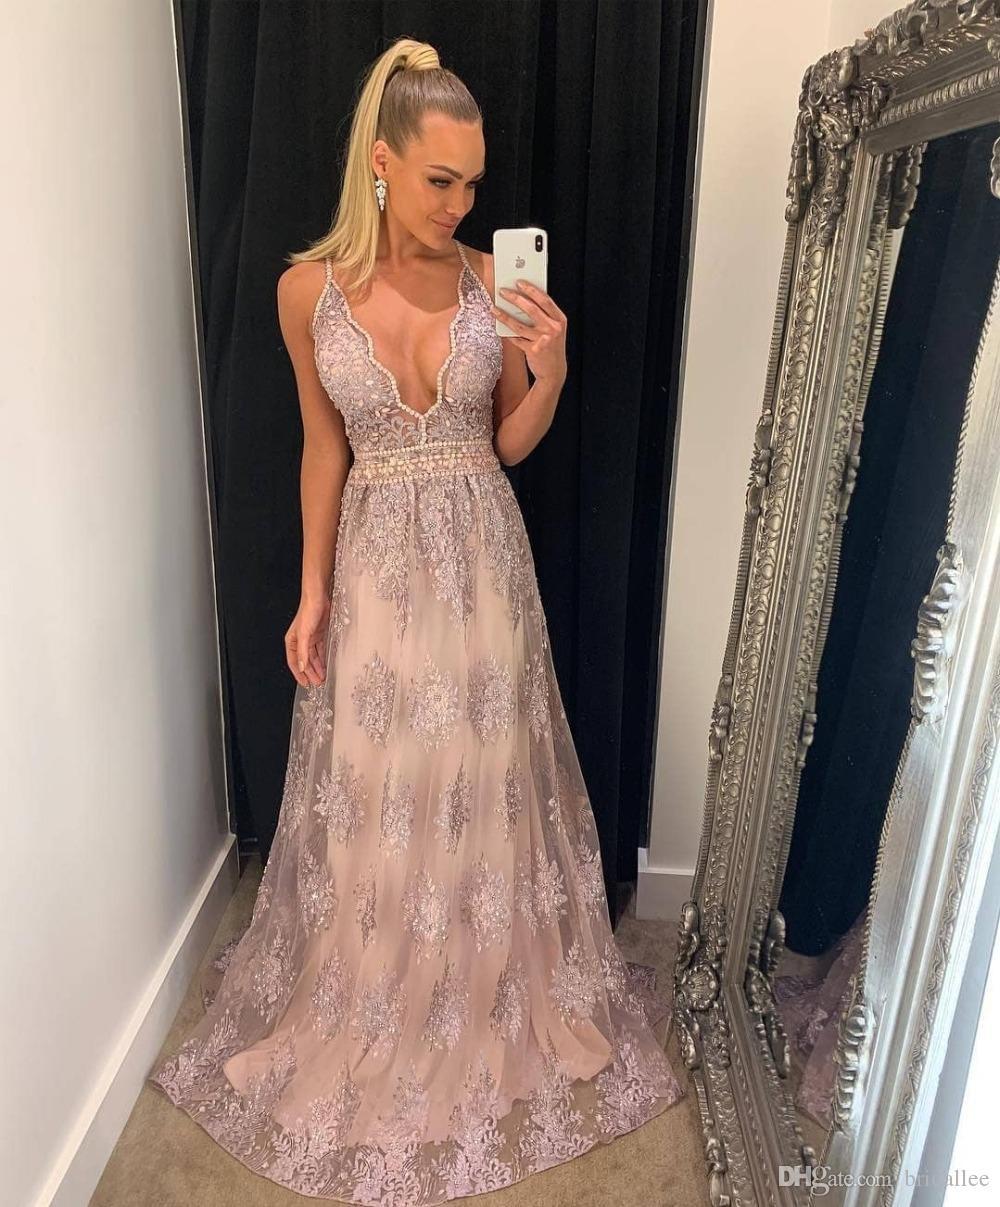 Einzigartig Gala Abendkleider Stylish10 Schön Gala Abendkleider Boutique